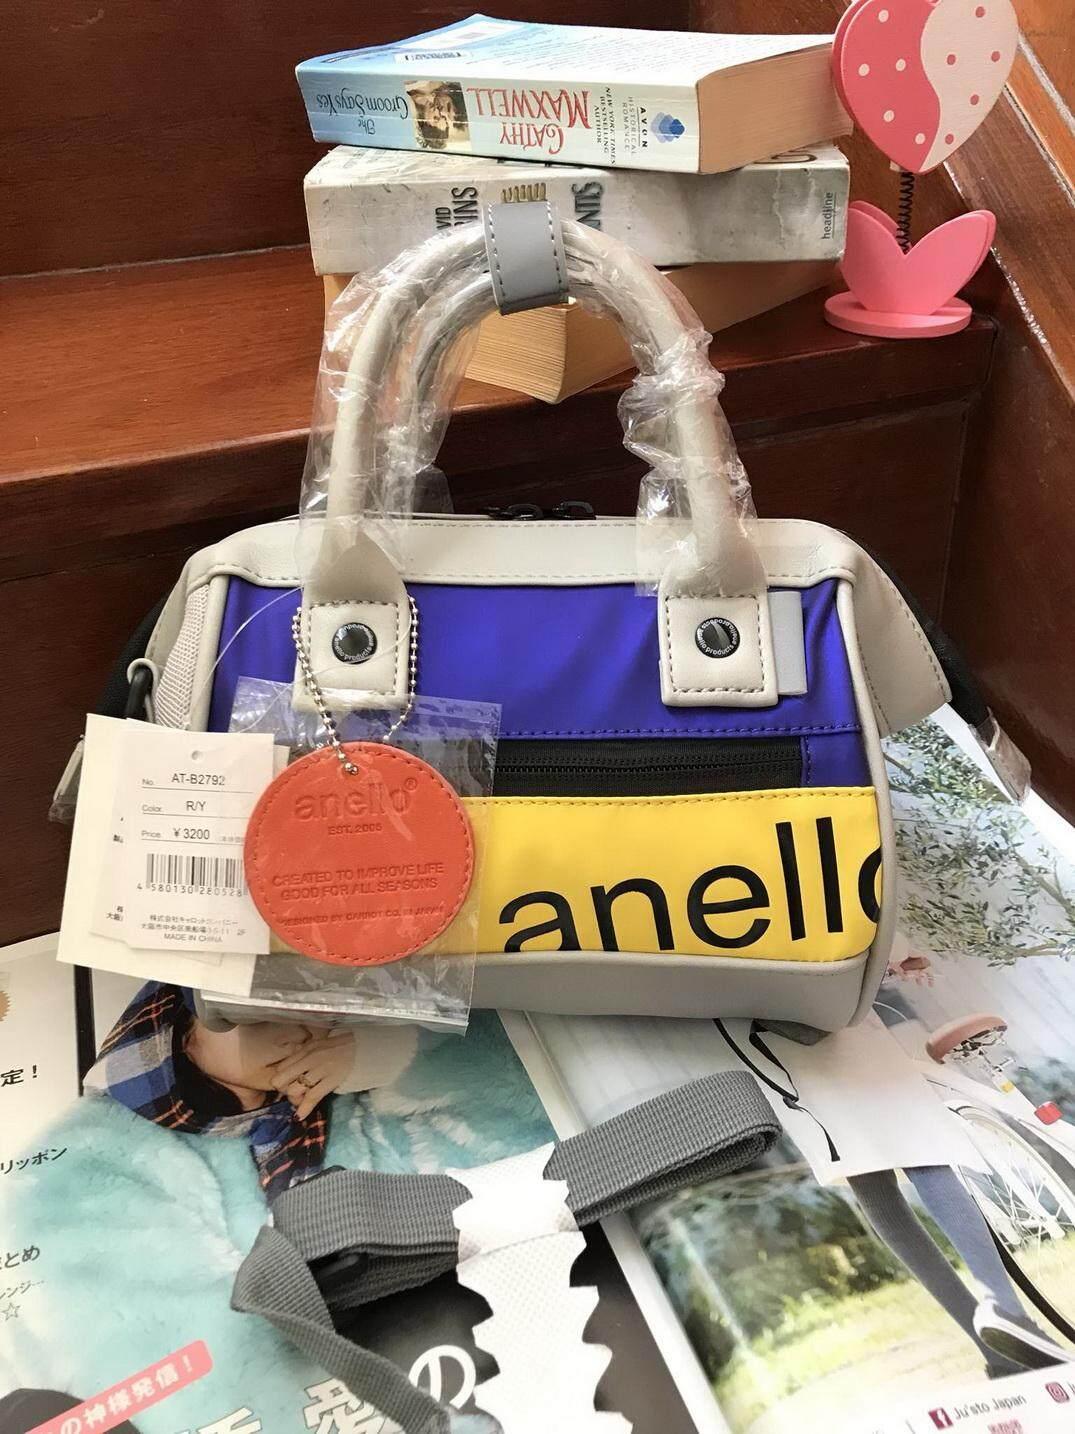 ลพบุรี ANELLO 90'S MOUTHPIECE 2 way MINI SHOULDER Bag